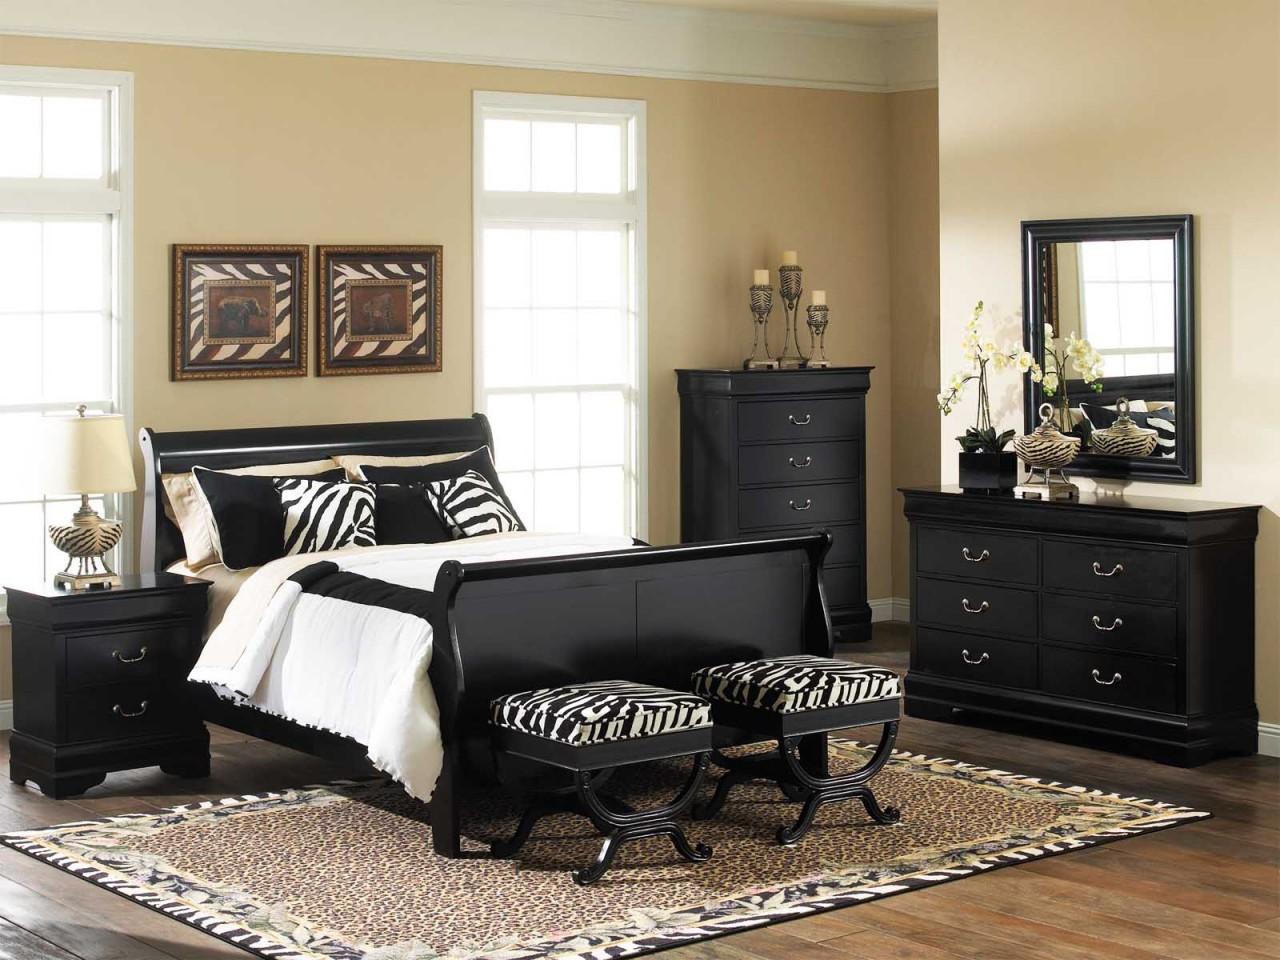 bedroom furniture sets black photo - 2